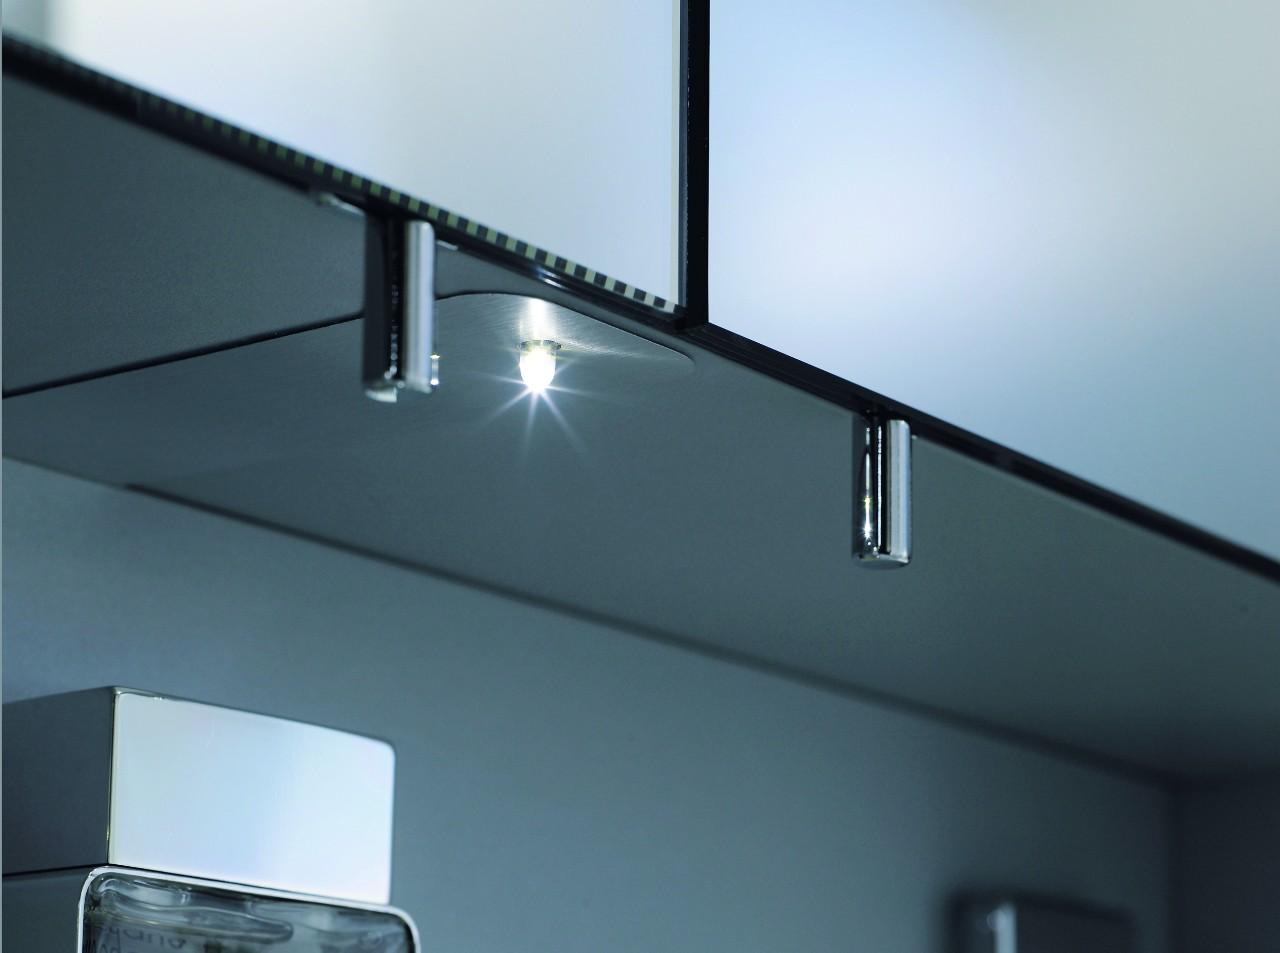 Ingebouwd duravit led nachtlampje bij spiegelkast of douche wc - Hoe u een projector te installeren buiten ...